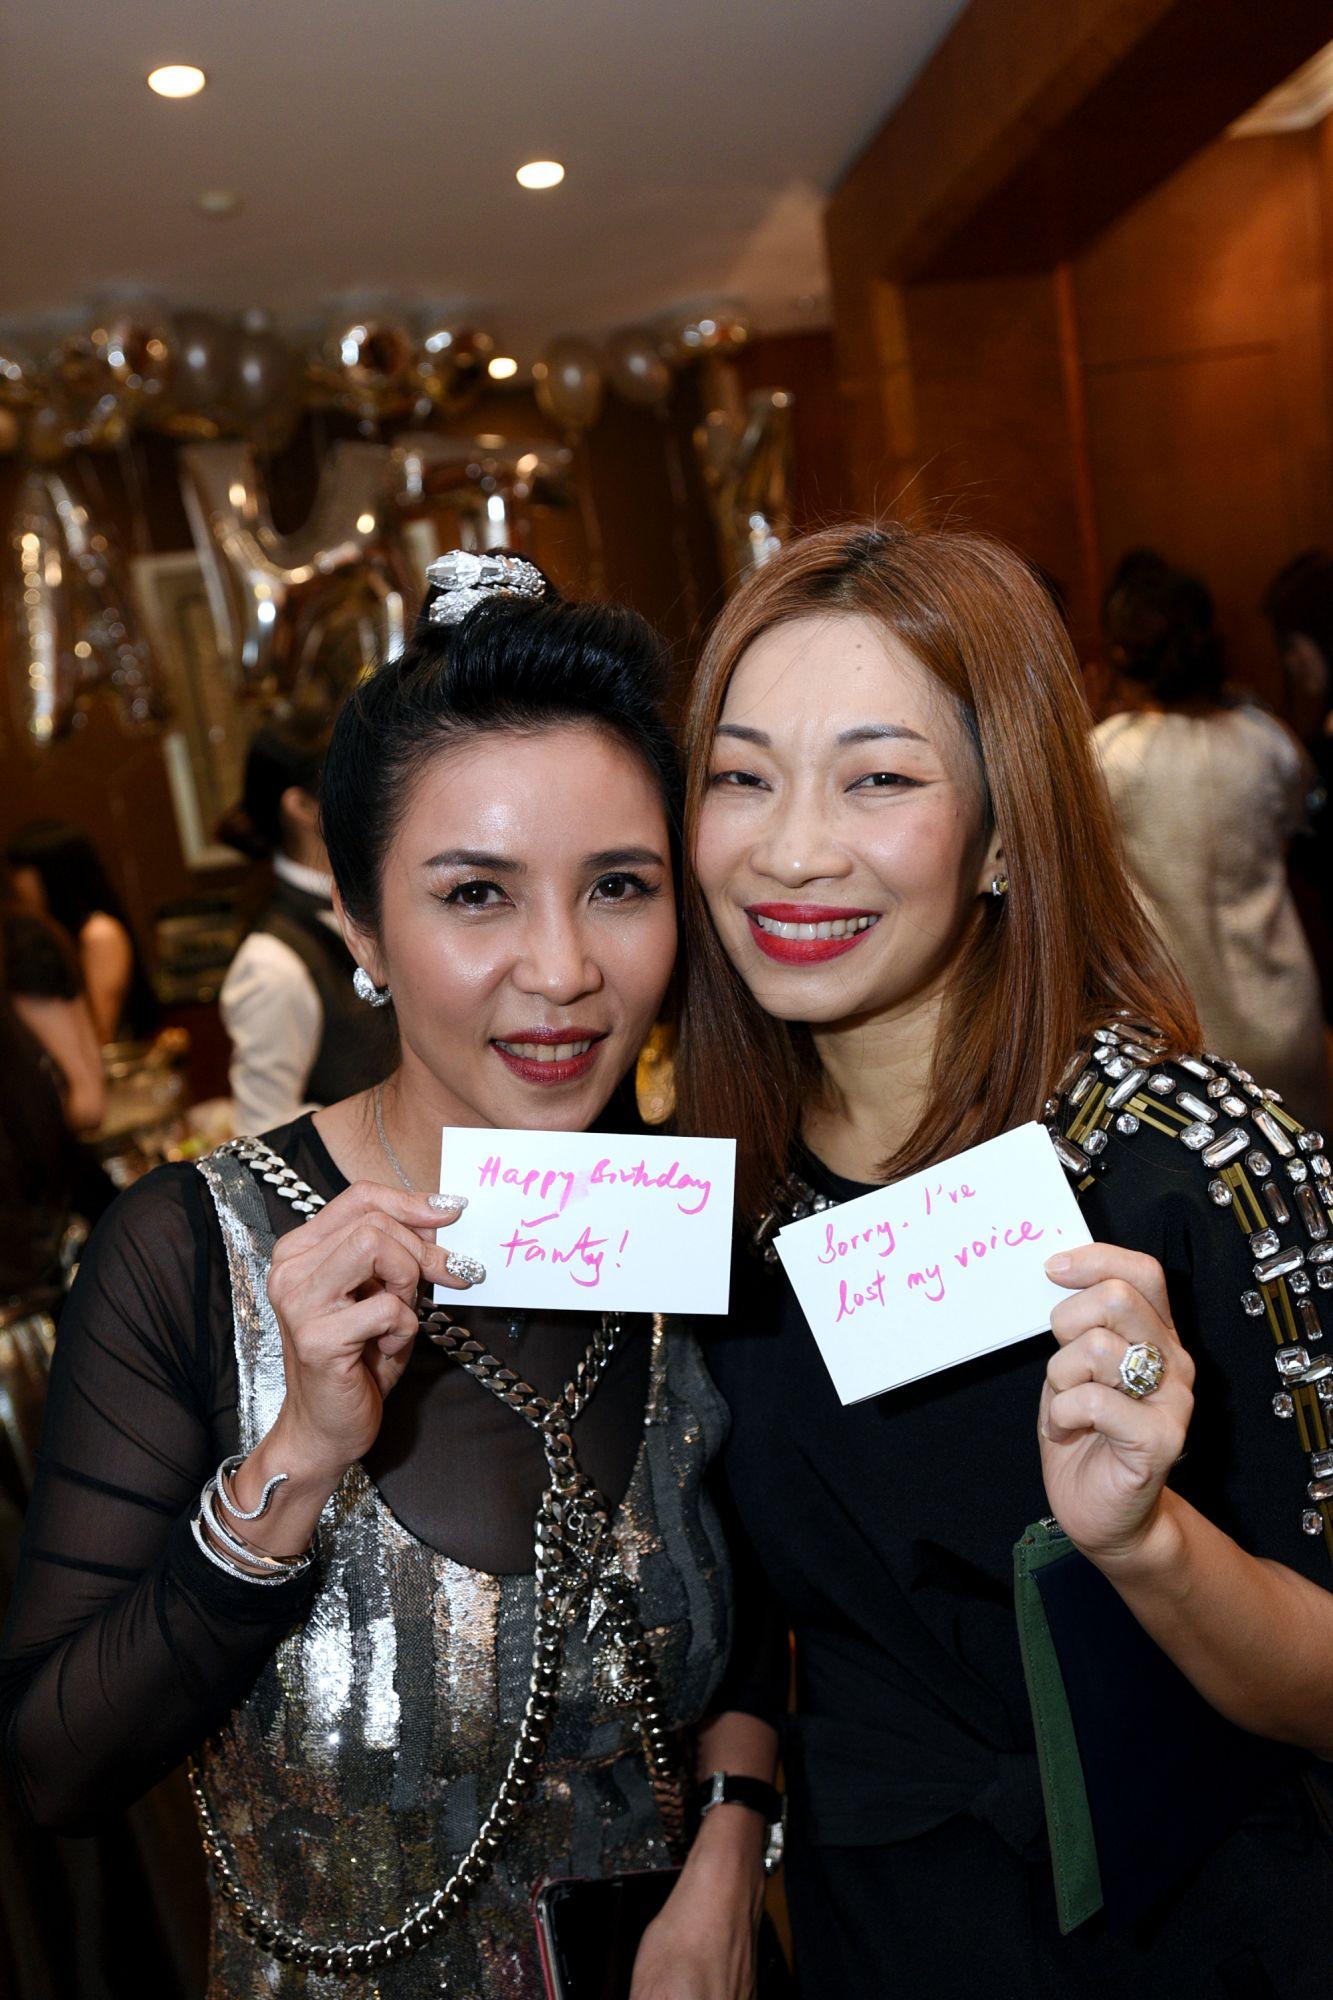 Fanty Soenardy, Corinne Ng